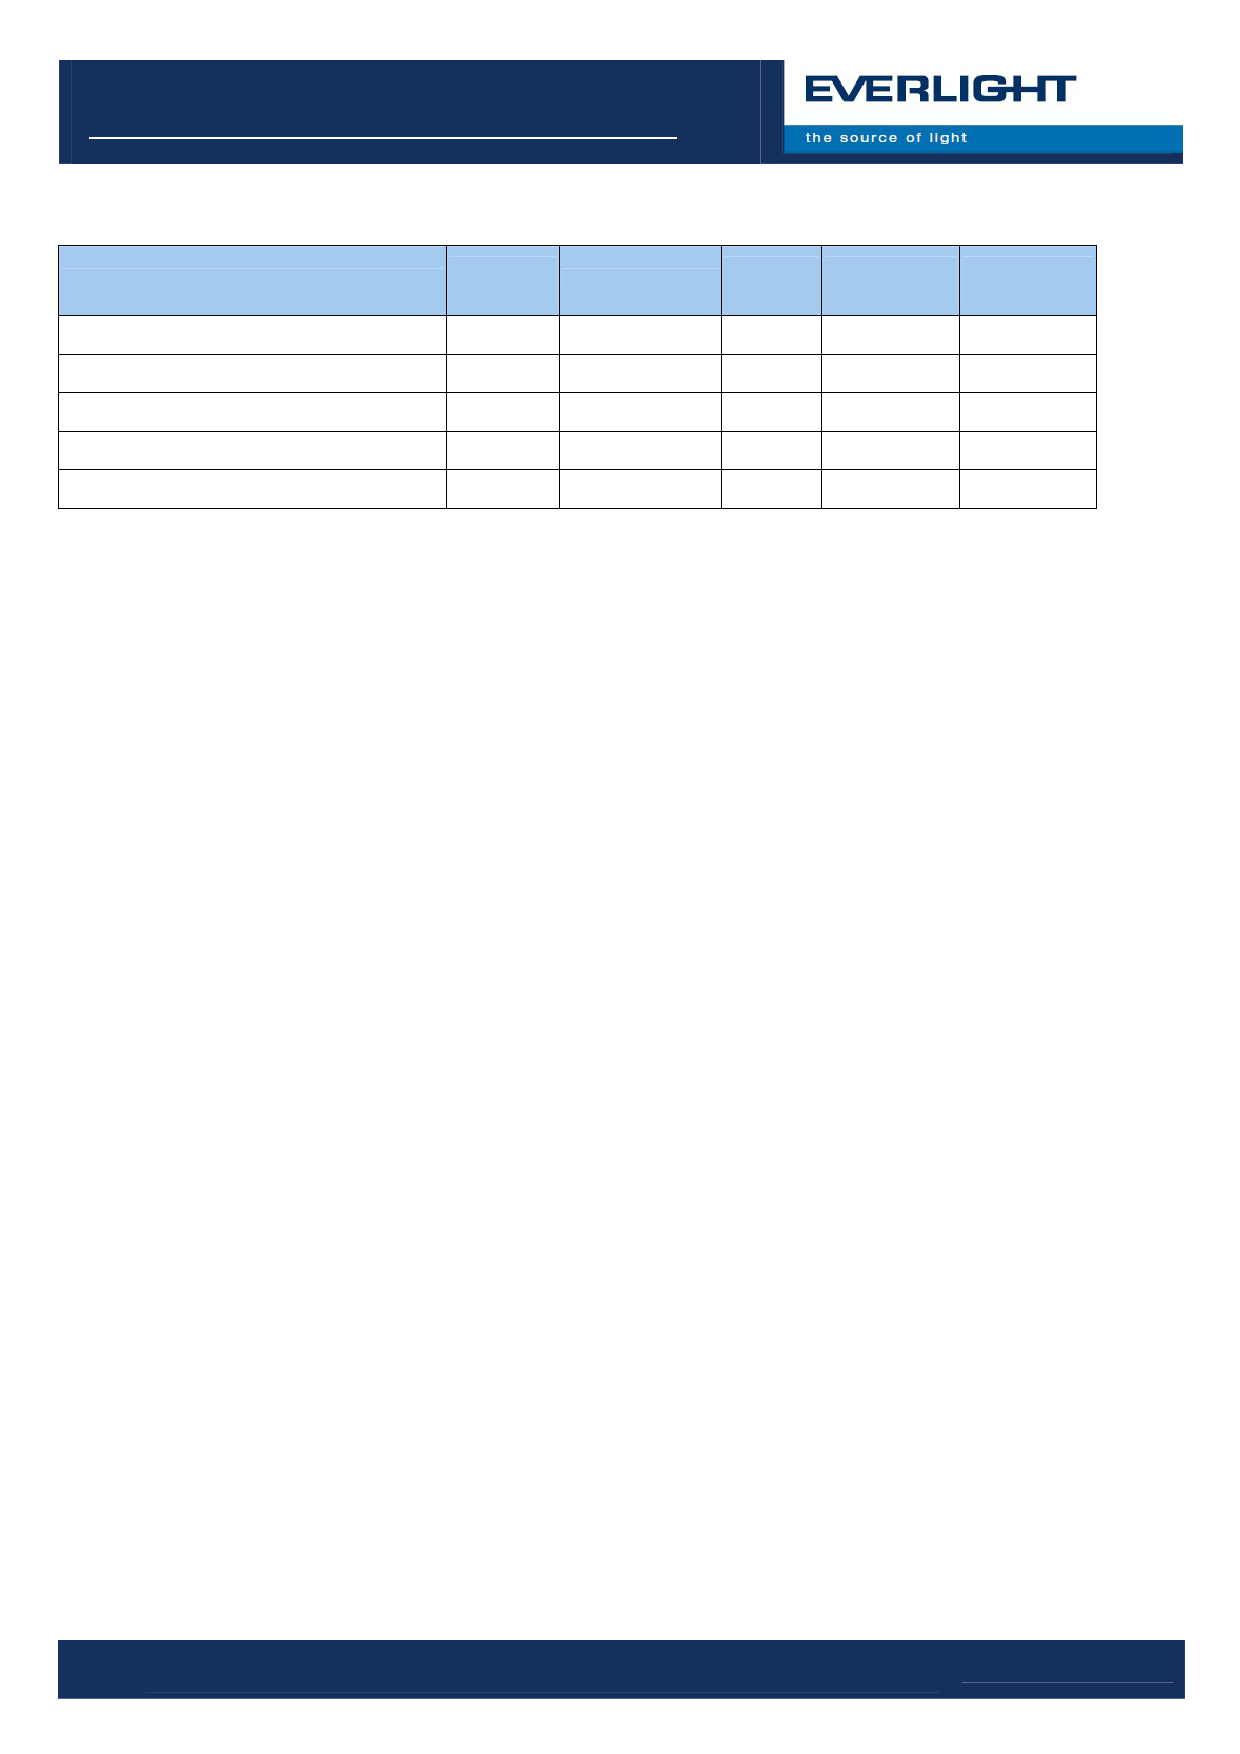 62-227B-LK2C-N3030N4P3S2Z6-2T Даташит, Описание, Даташиты